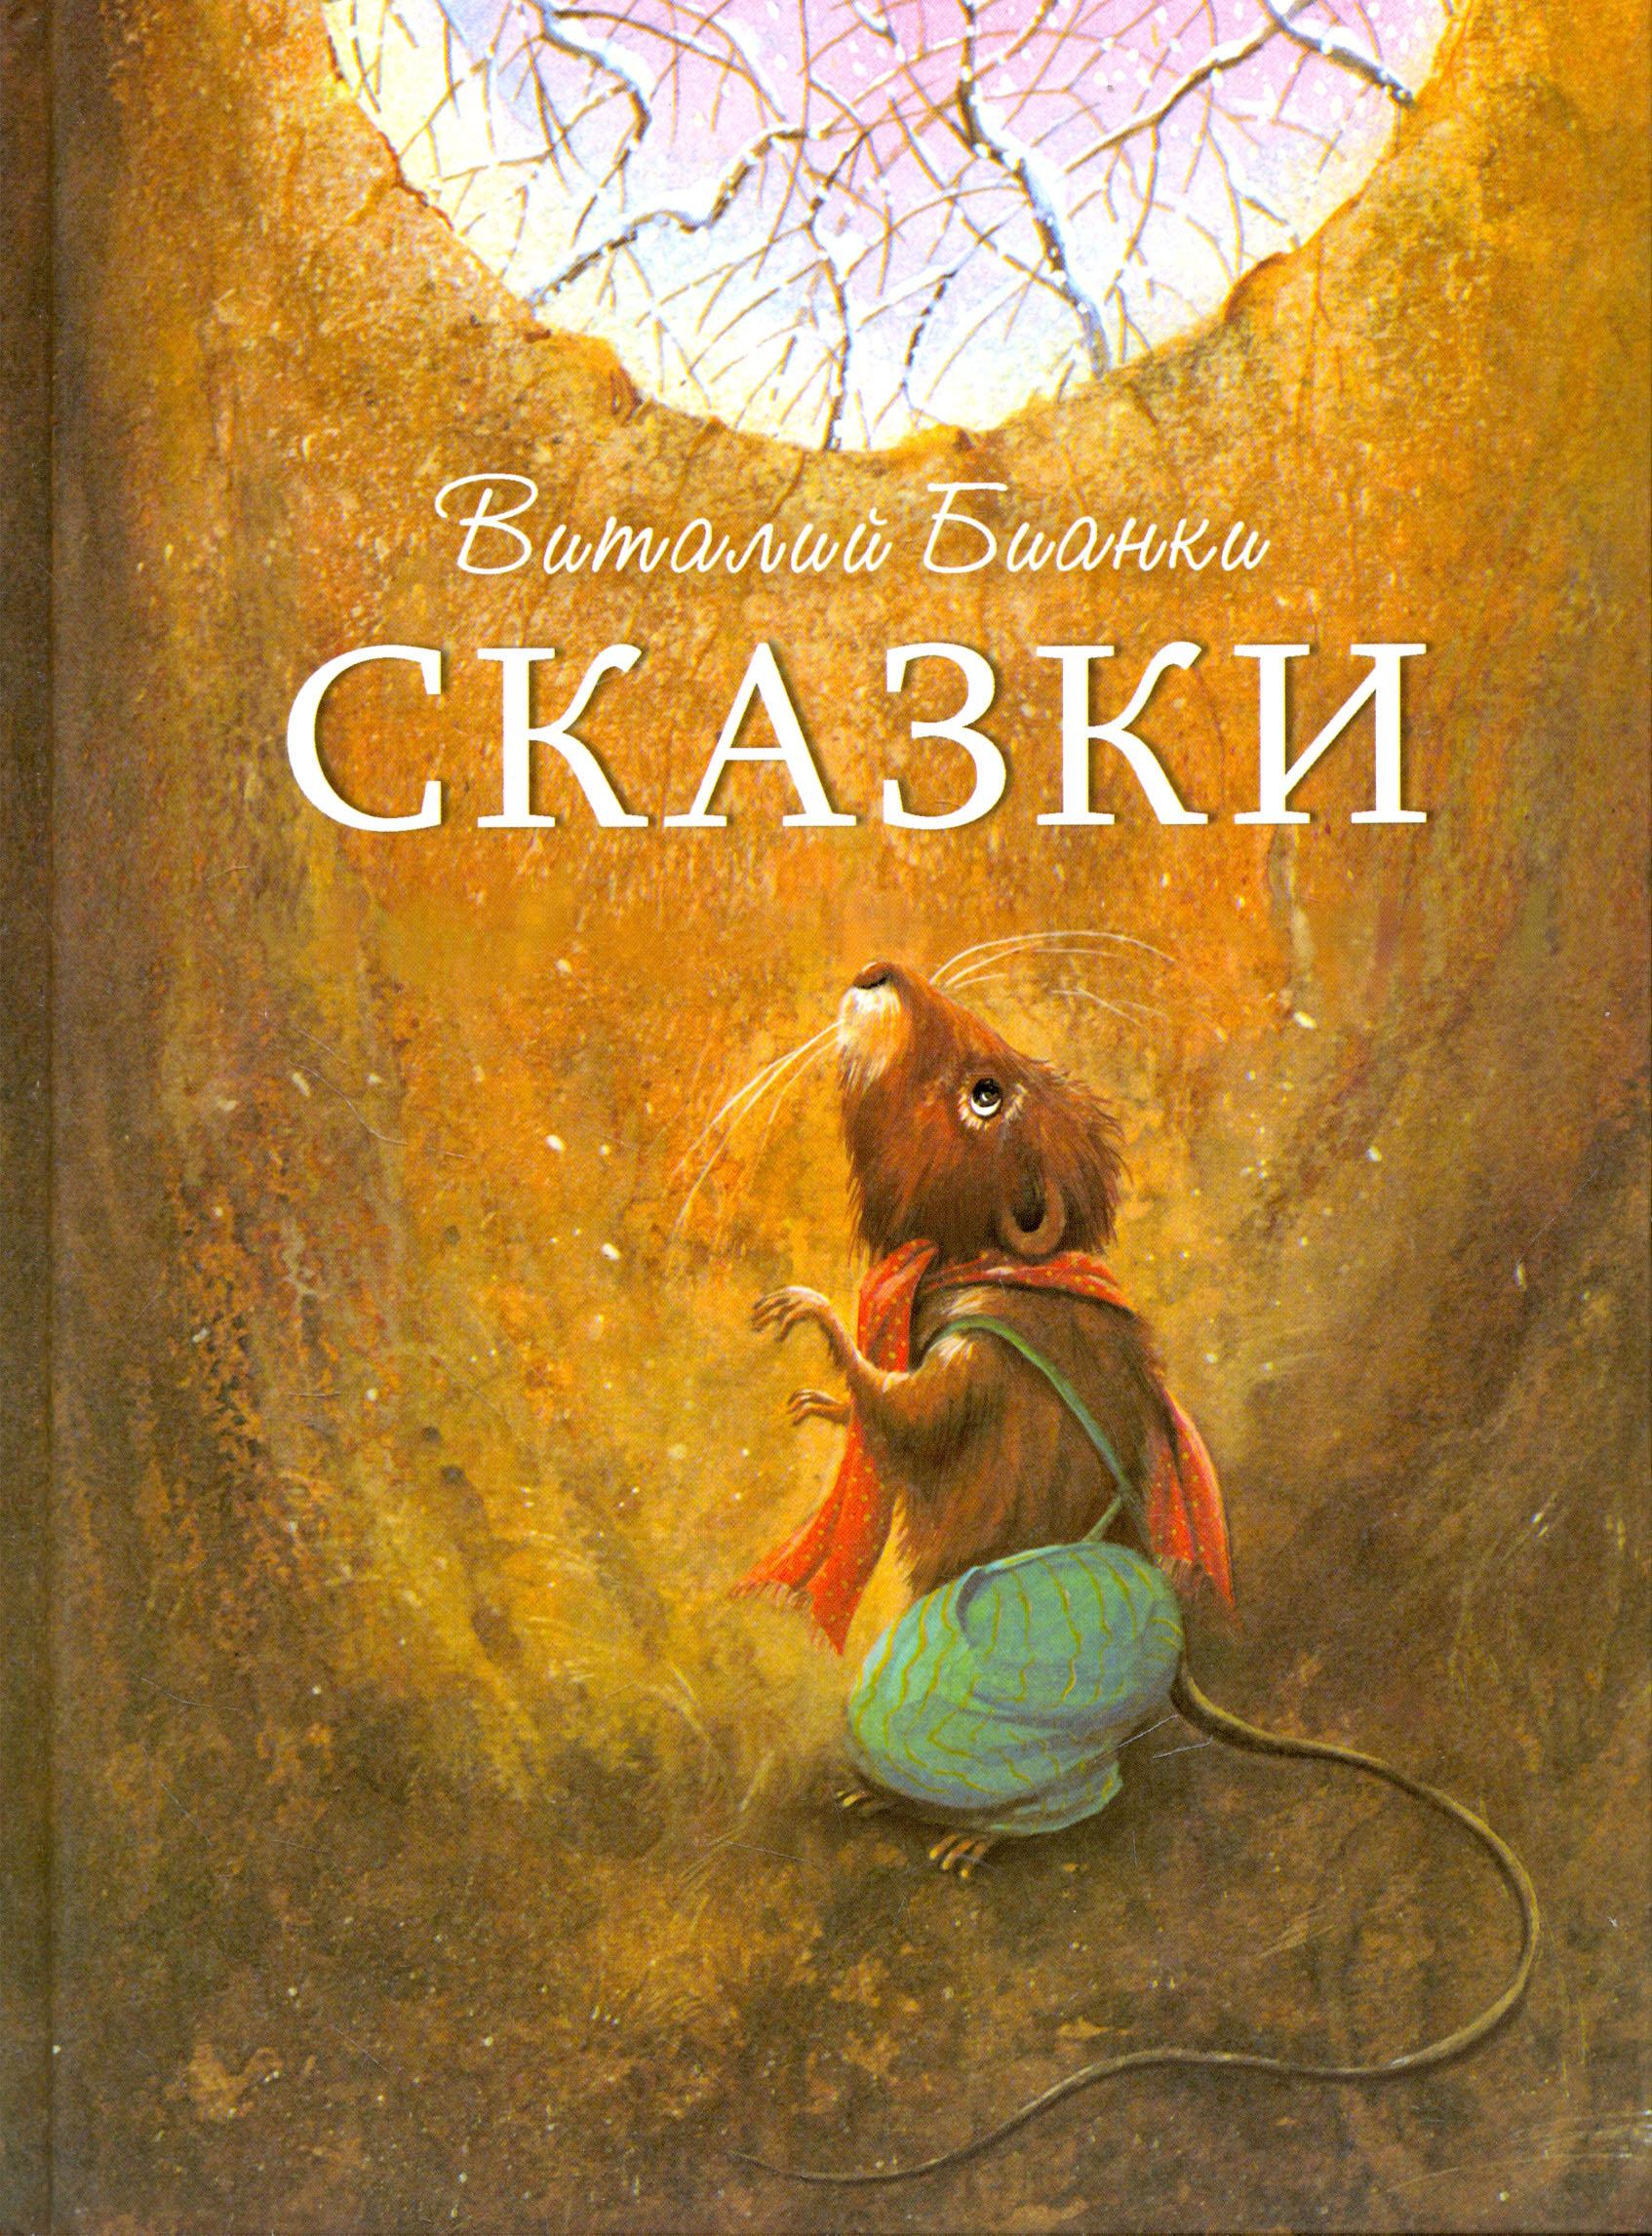 Книга Лабиринт Сказки В. Бианки цены онлайн